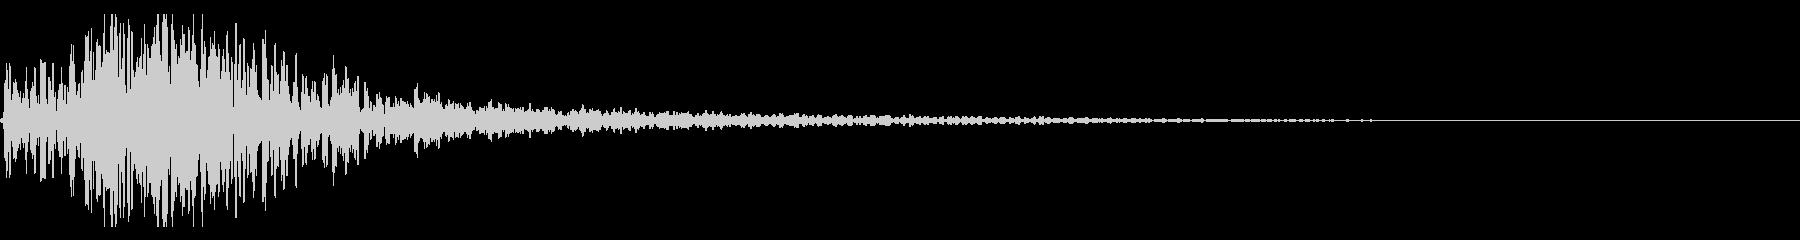 ドドン!太鼓の迫力ある効果音 01の未再生の波形